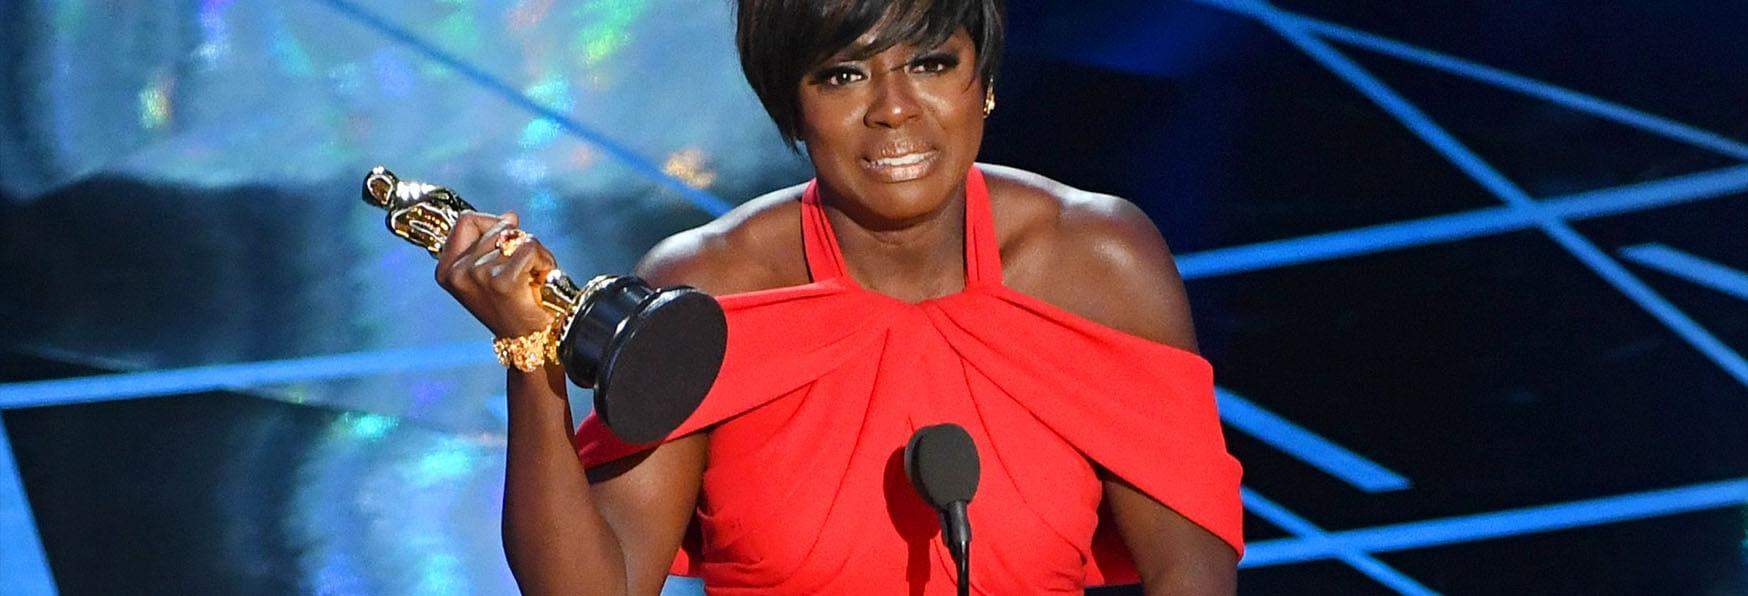 Viola Davis candidata agli Emmy per il Crossover con Scandal